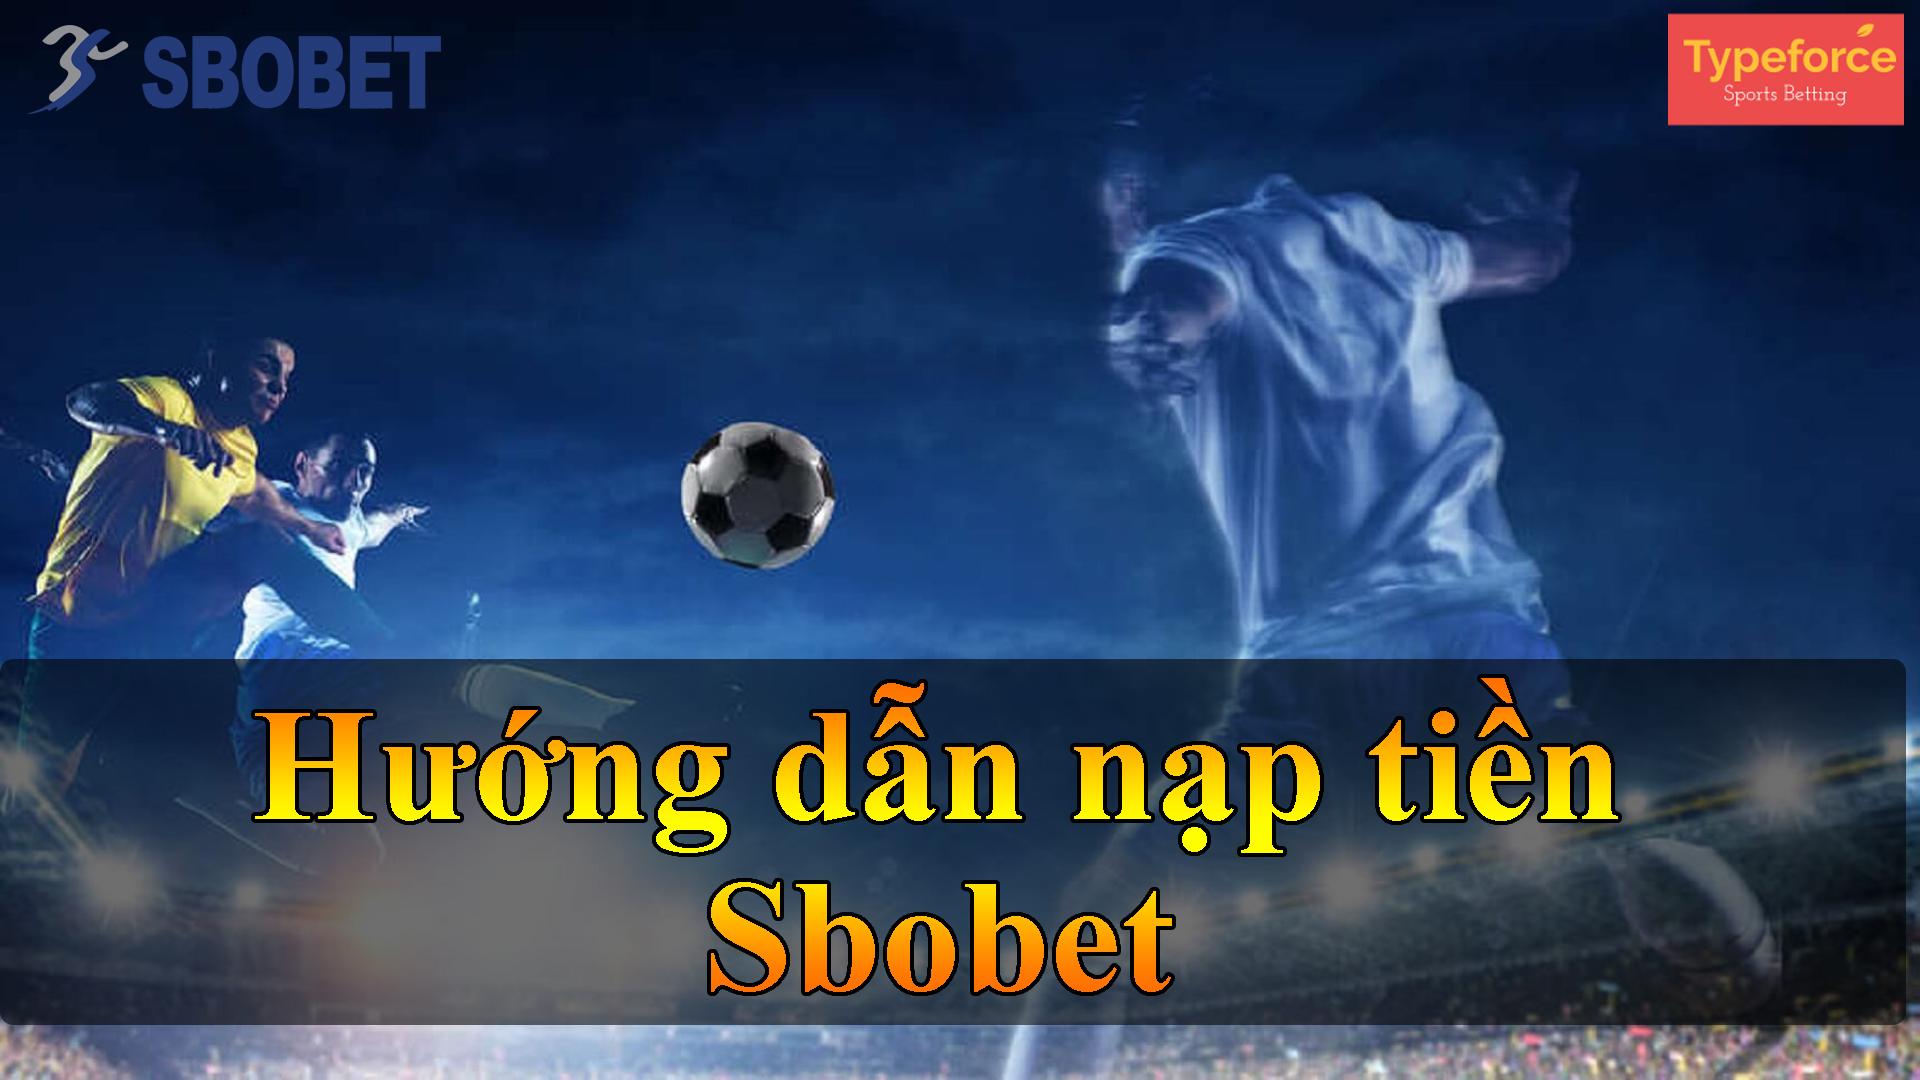 Hướng dẫn nạp tiền Sbobet